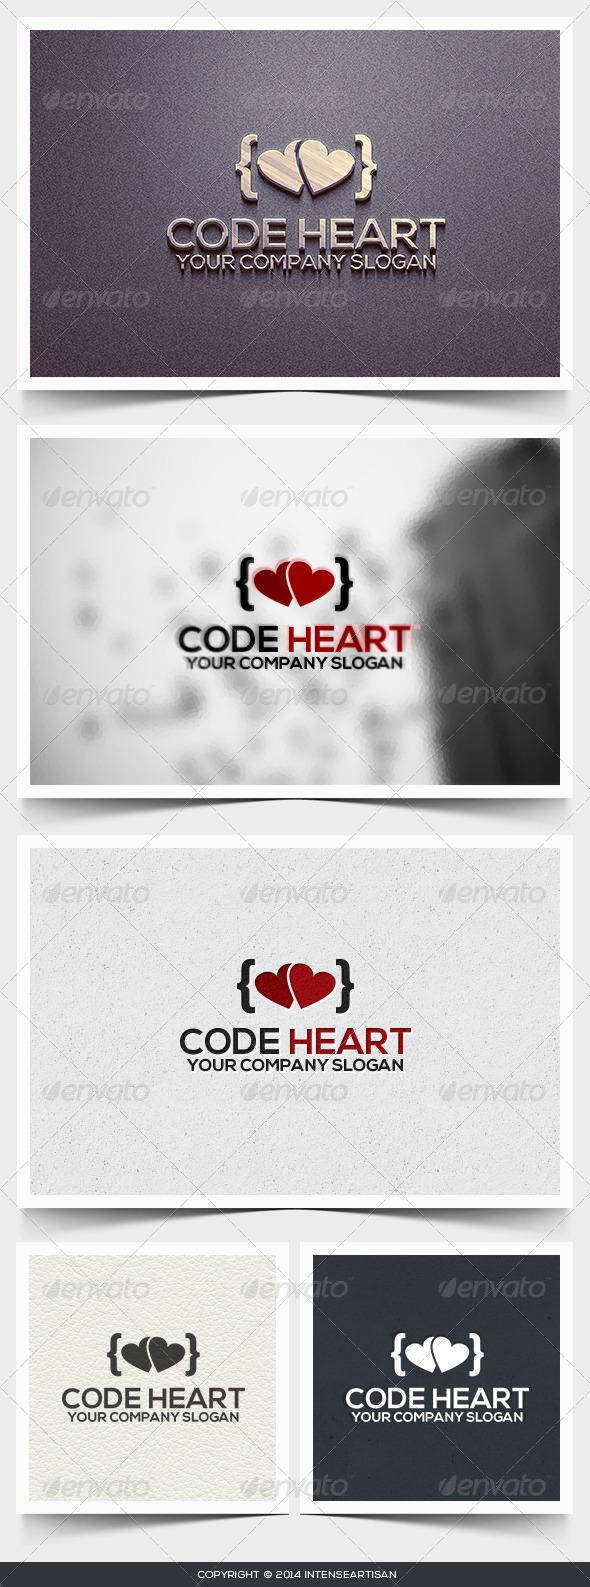 Logotipos con Corazones para Blogs de Parejas y Chats Online.